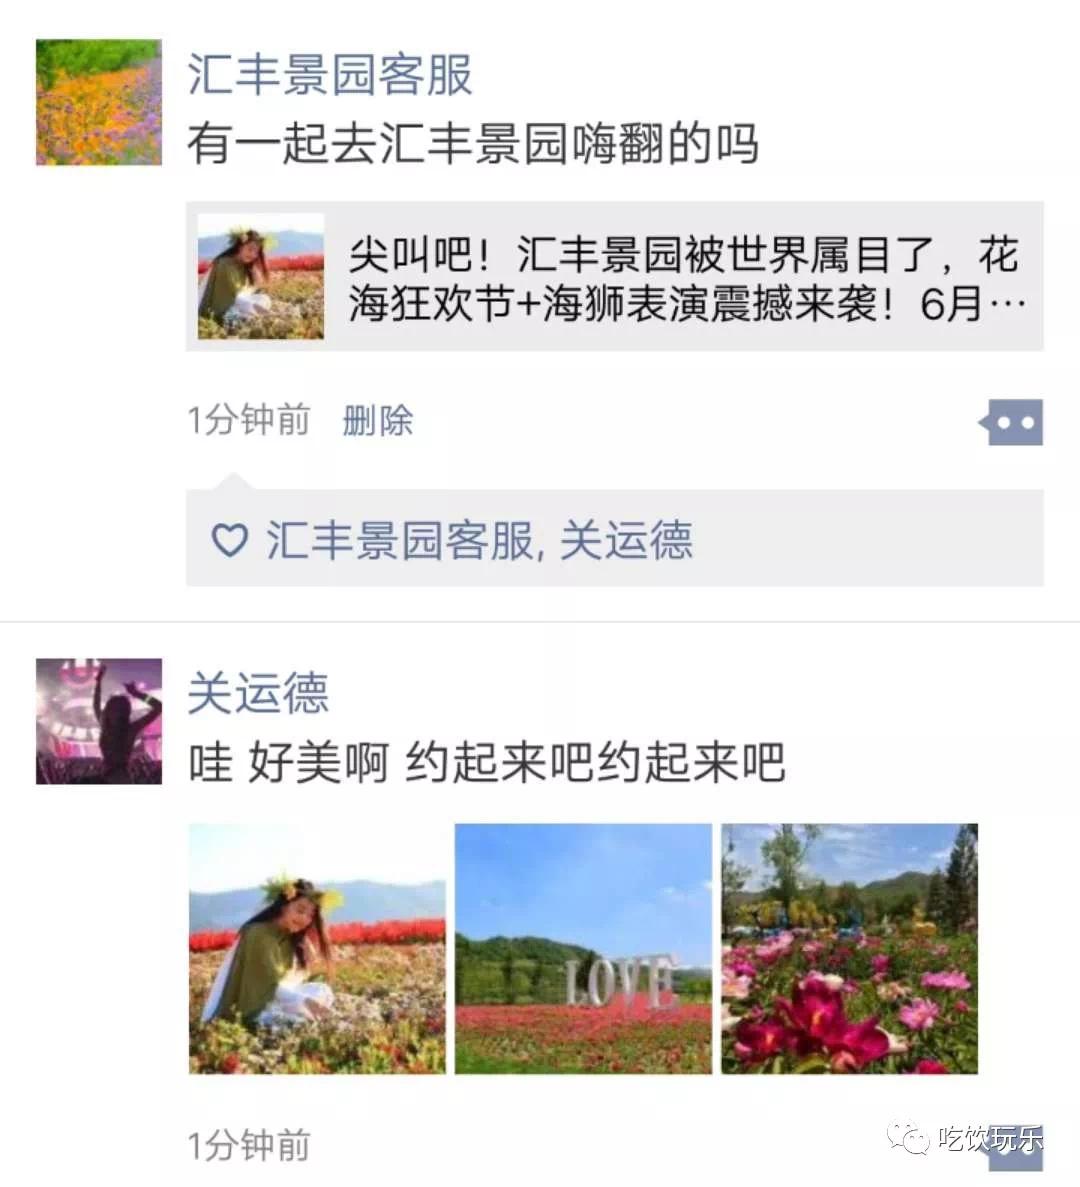 西宁大通汇丰景园花海狂欢节+海狮表演震撼来袭!